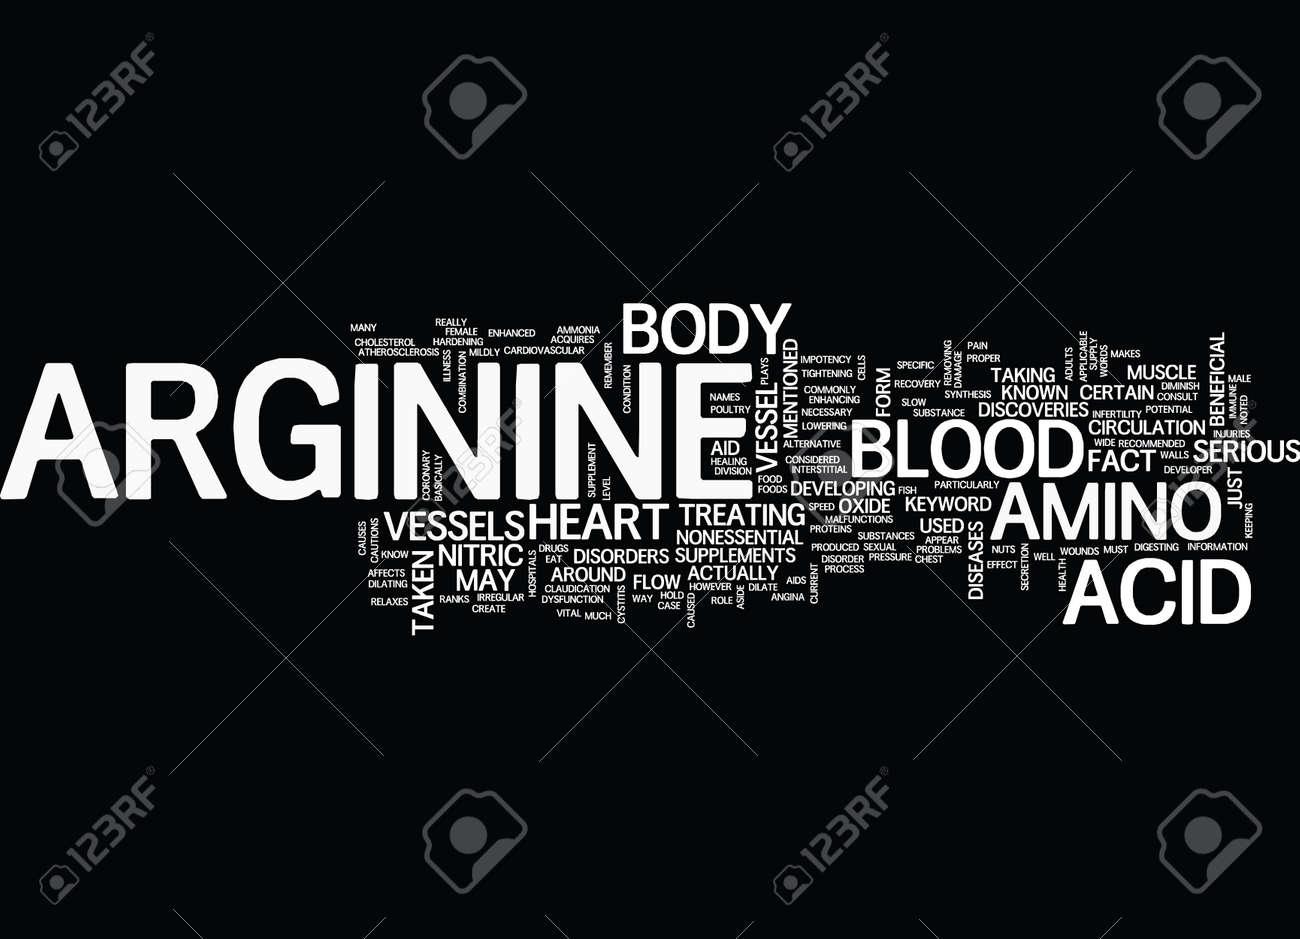 ARGININE Text Background Word Cloud Concept - 82570516